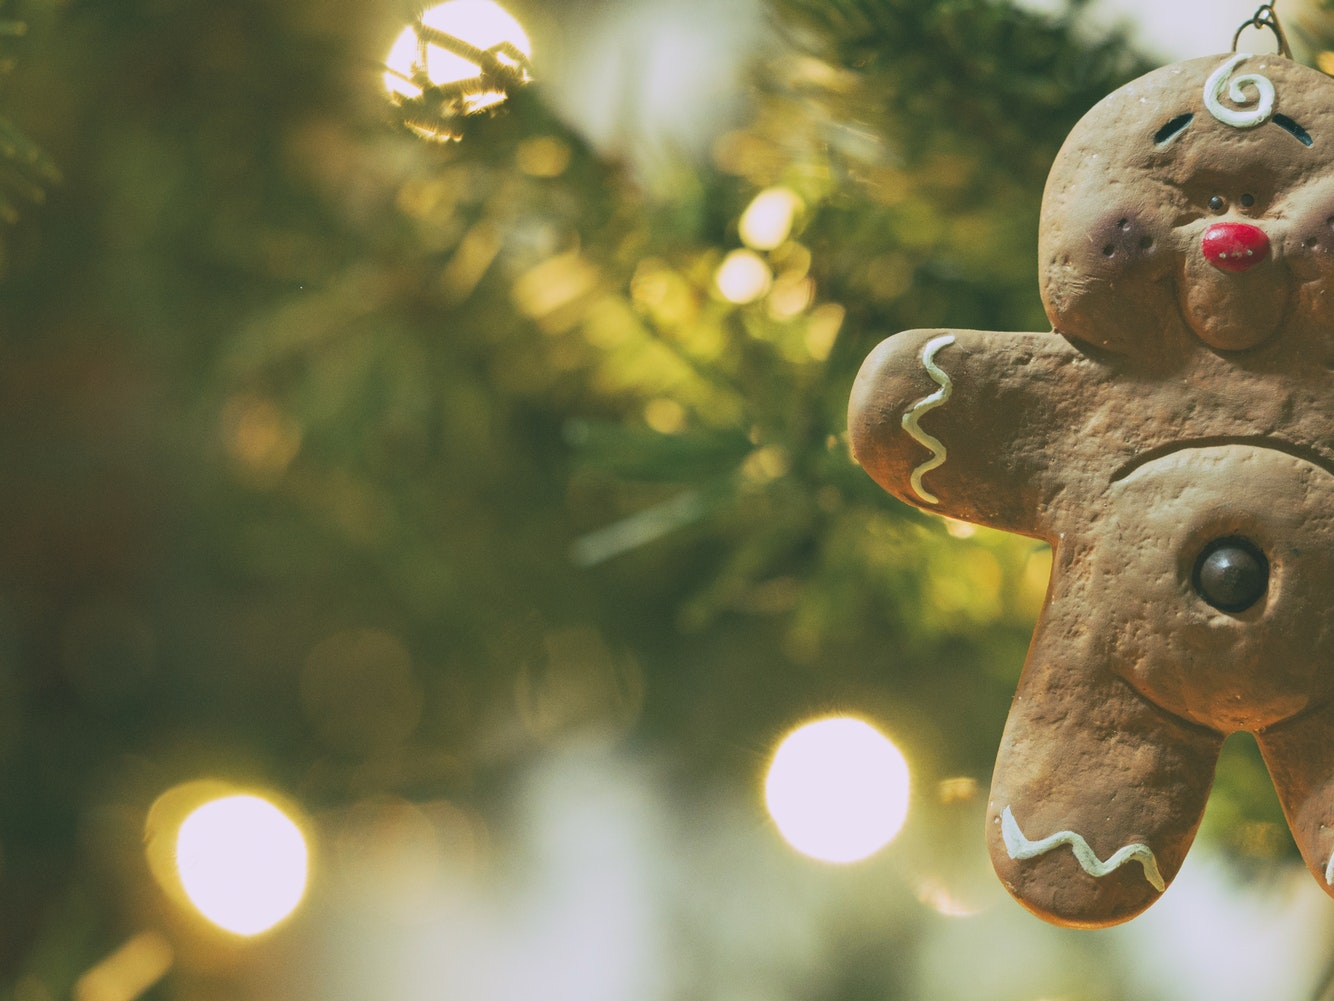 Fotos de Natal